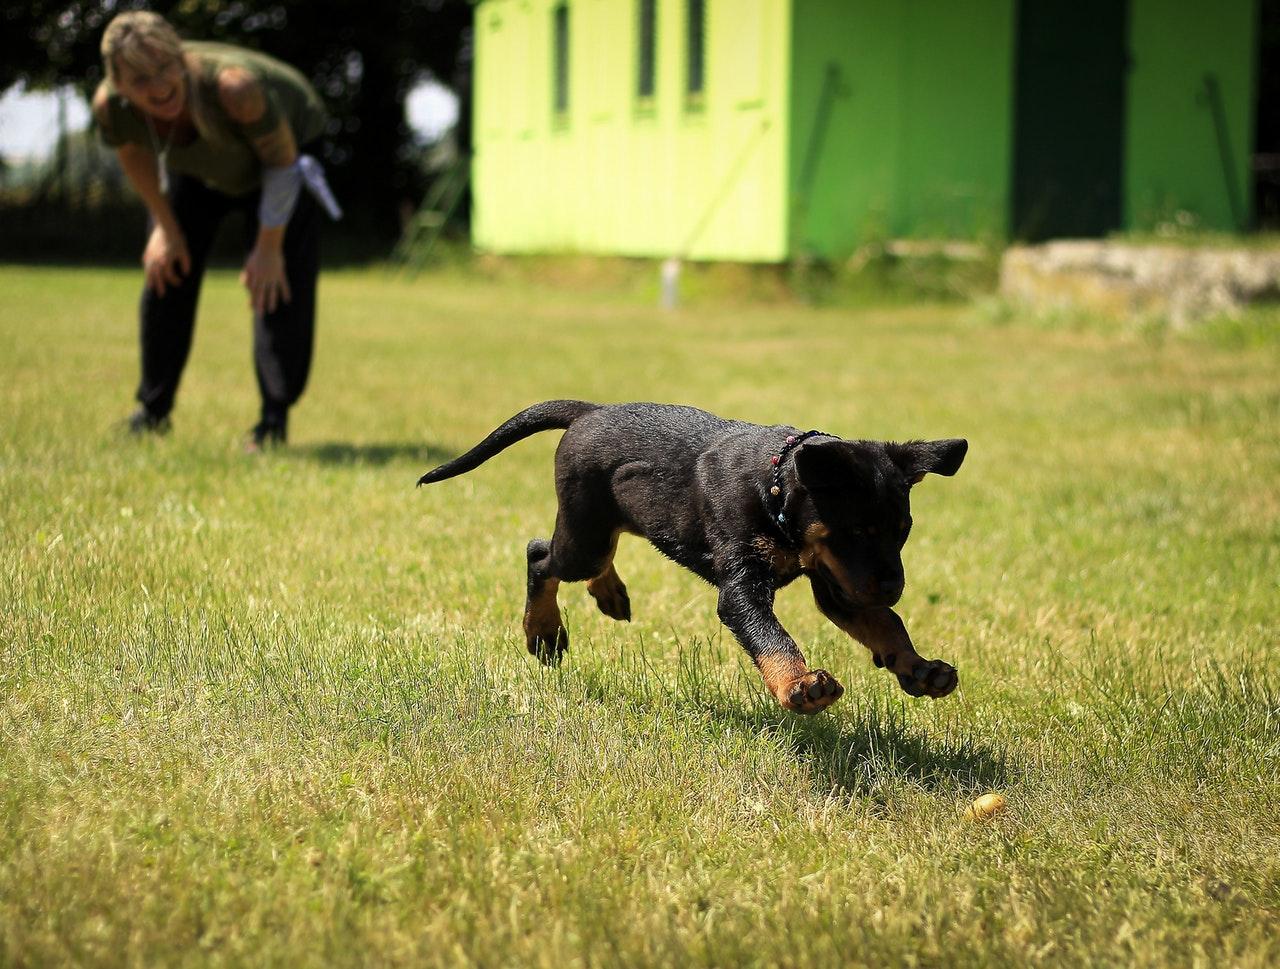 Hund sicht Fressen während des Giftköder-Trainings